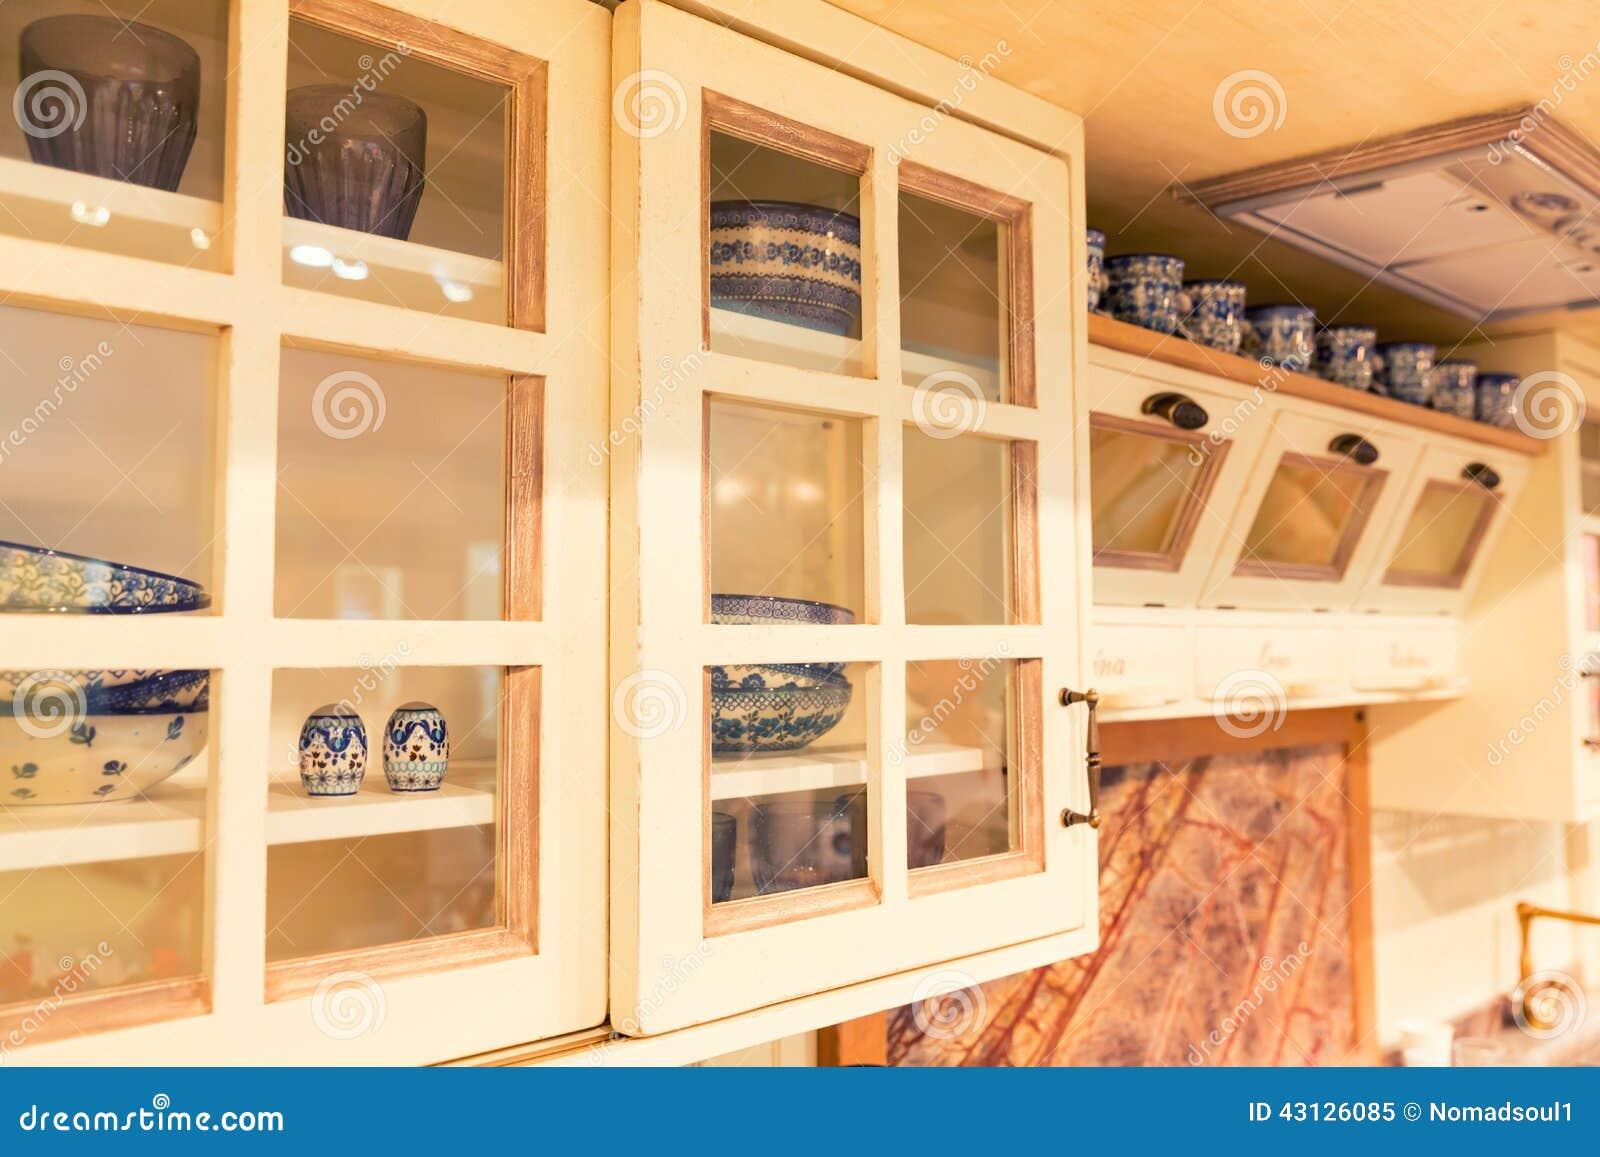 Placard dans la cuisine rustique photo stock image 43126085 - Image de placard de cuisine ...